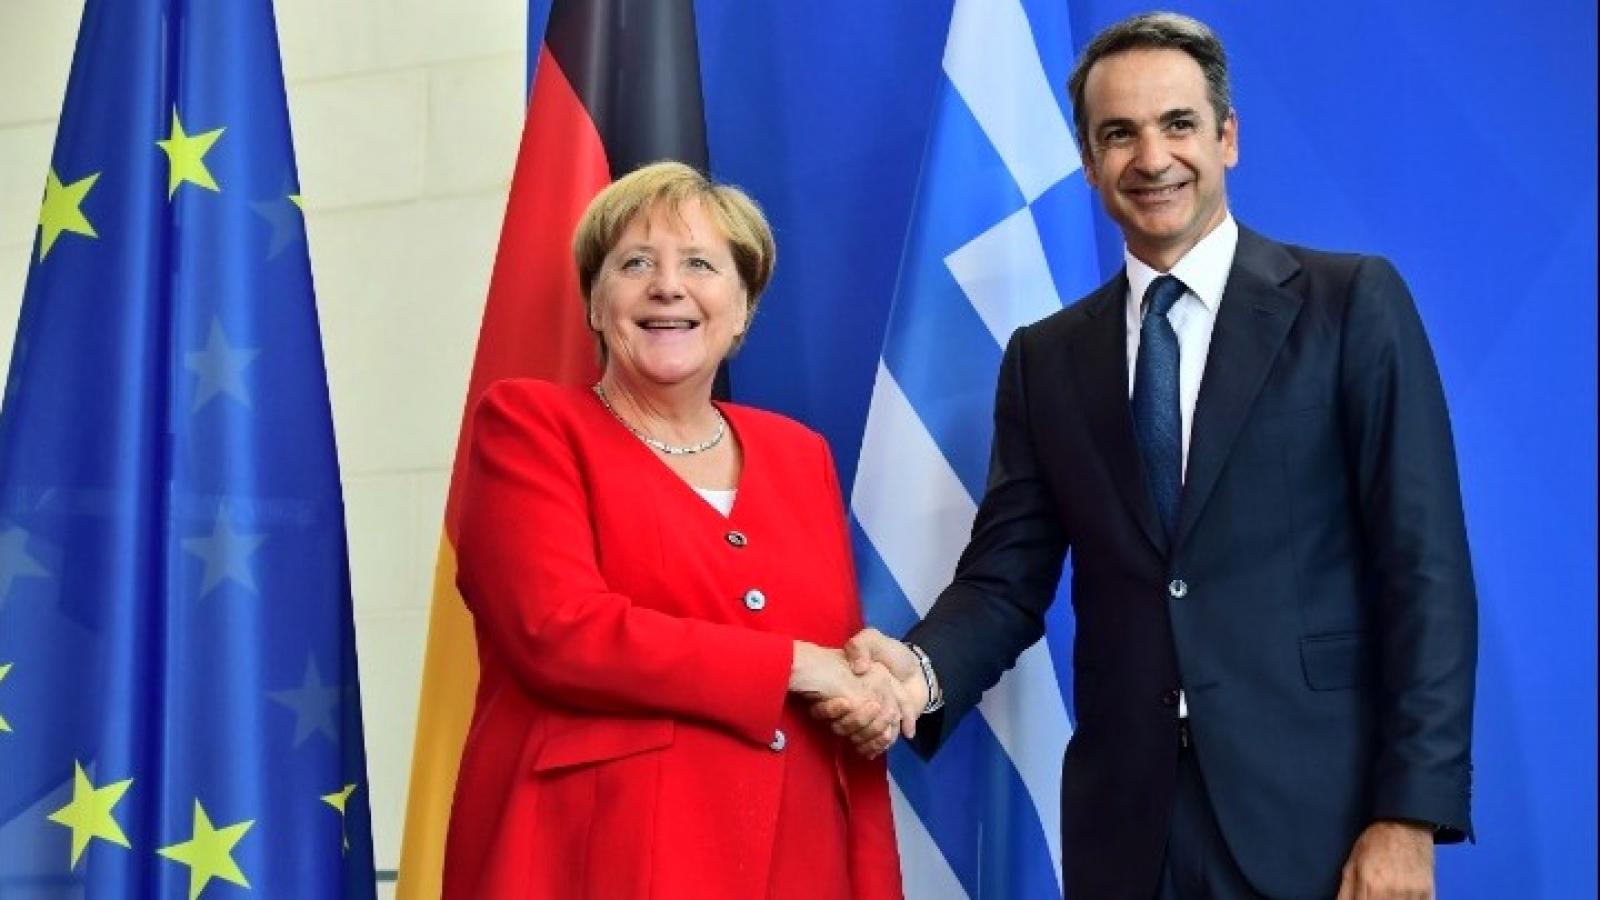 Thủ tướng Đức và Hy Lạp thảo luận về vấn đề Thổ Nhĩ Kỳ và khủng hoảng di cư